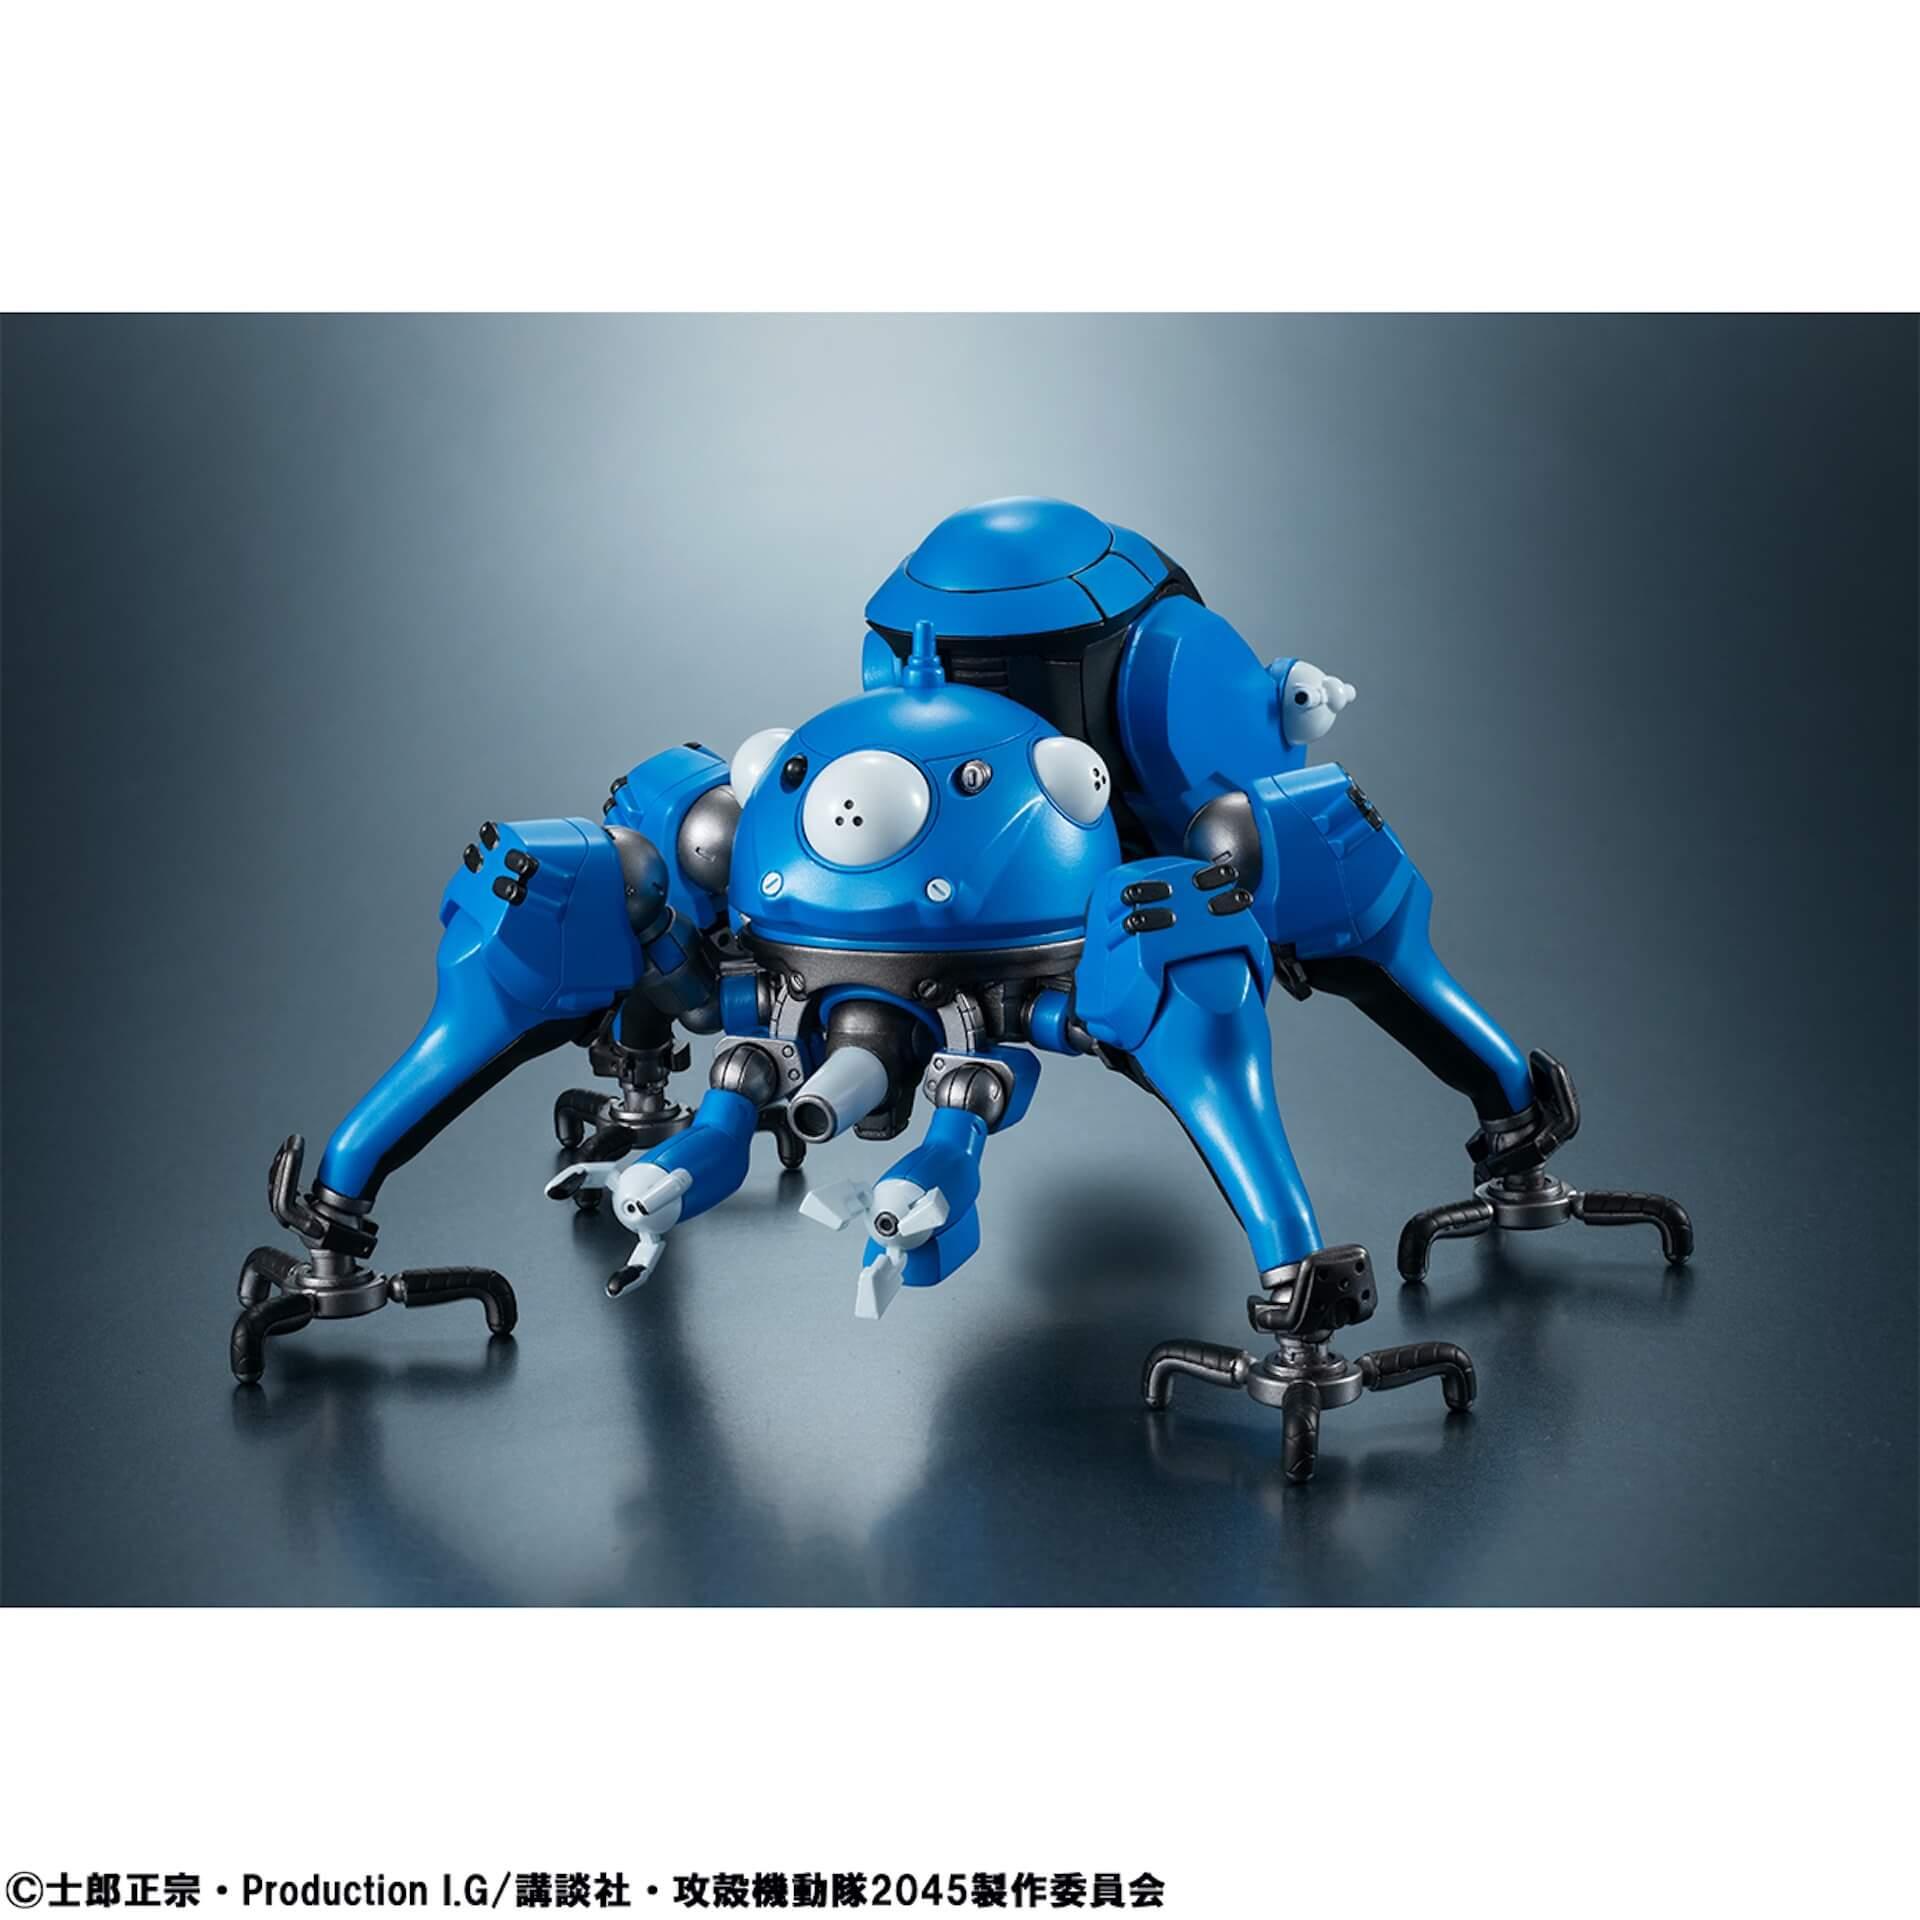 豊富なギミックありの『攻殻機動隊 SAC_2045』タチコマフィギュアがメガハウスから登場!背面ポッドに少佐が搭乗可能 ac200701_tachikoma_figure_03